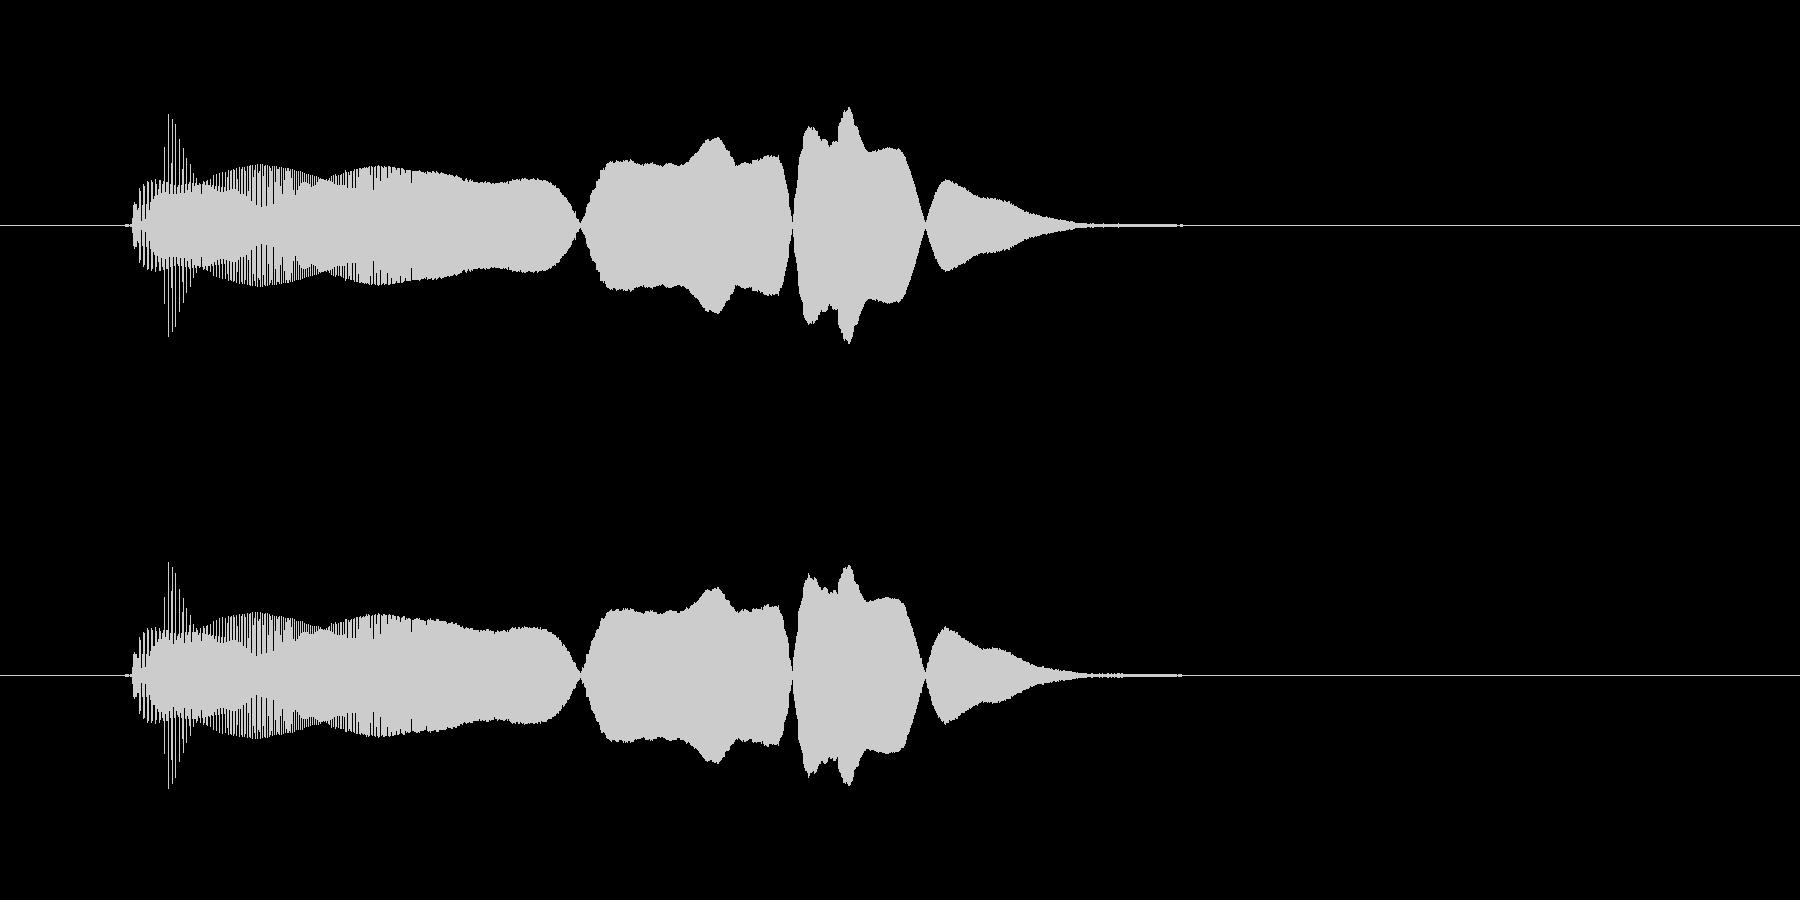 ブミョーン(スライム感ある電子音)の未再生の波形